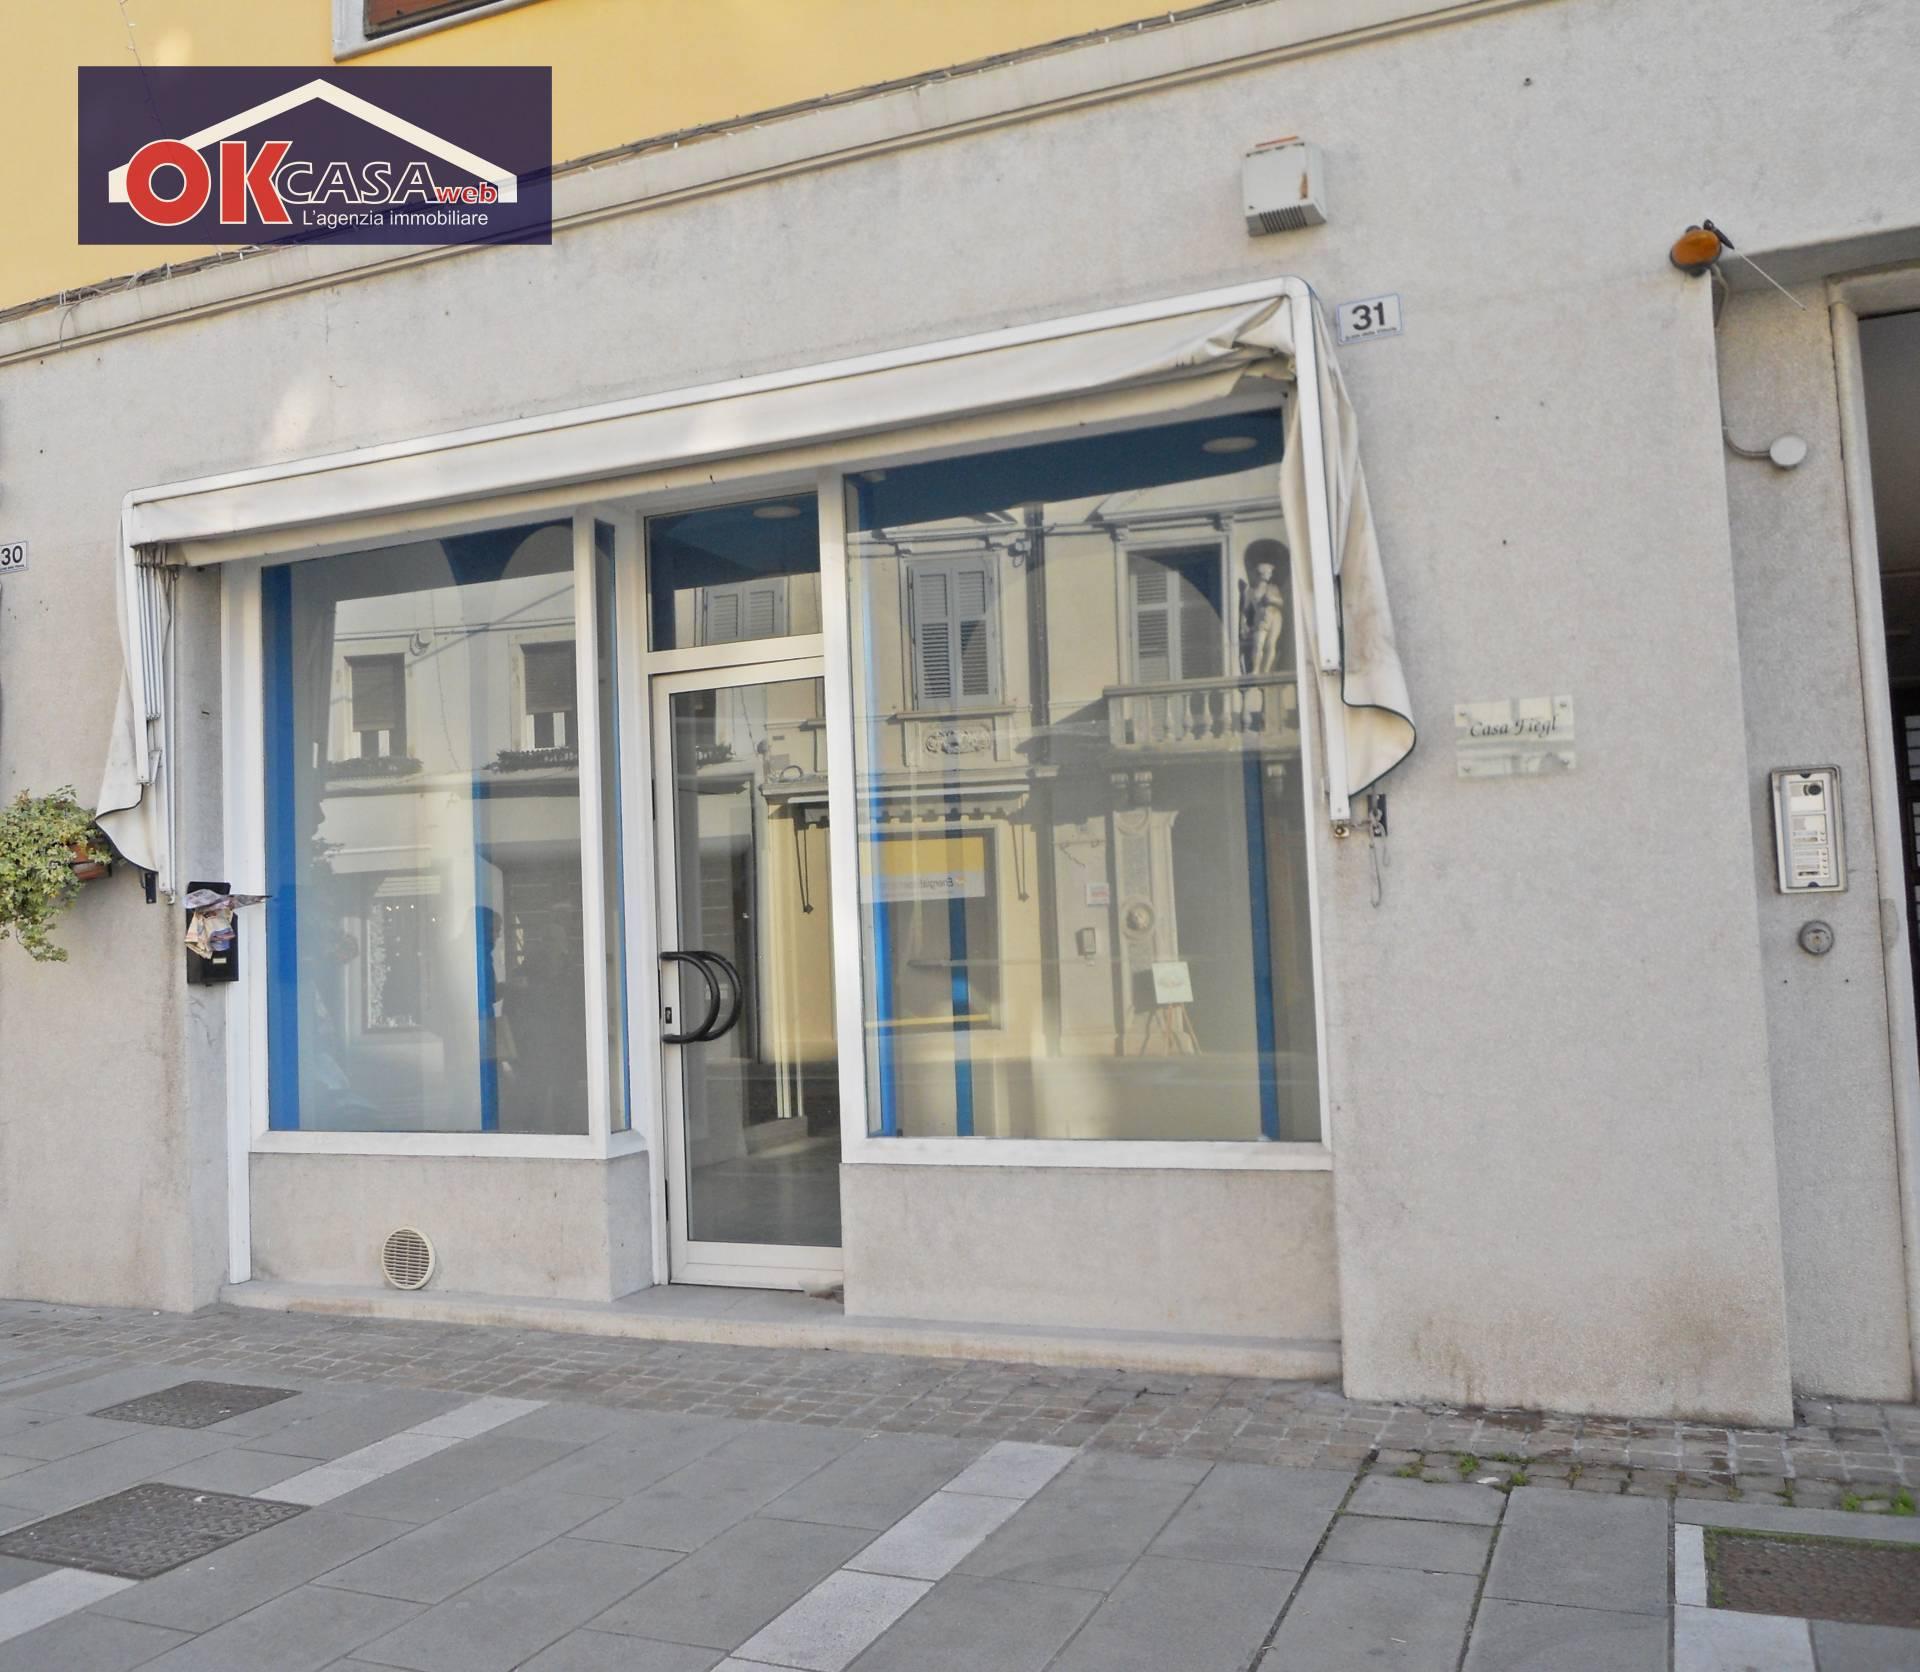 Attività / Licenza in affitto a Gorizia, 9999 locali, prezzo € 650 | CambioCasa.it